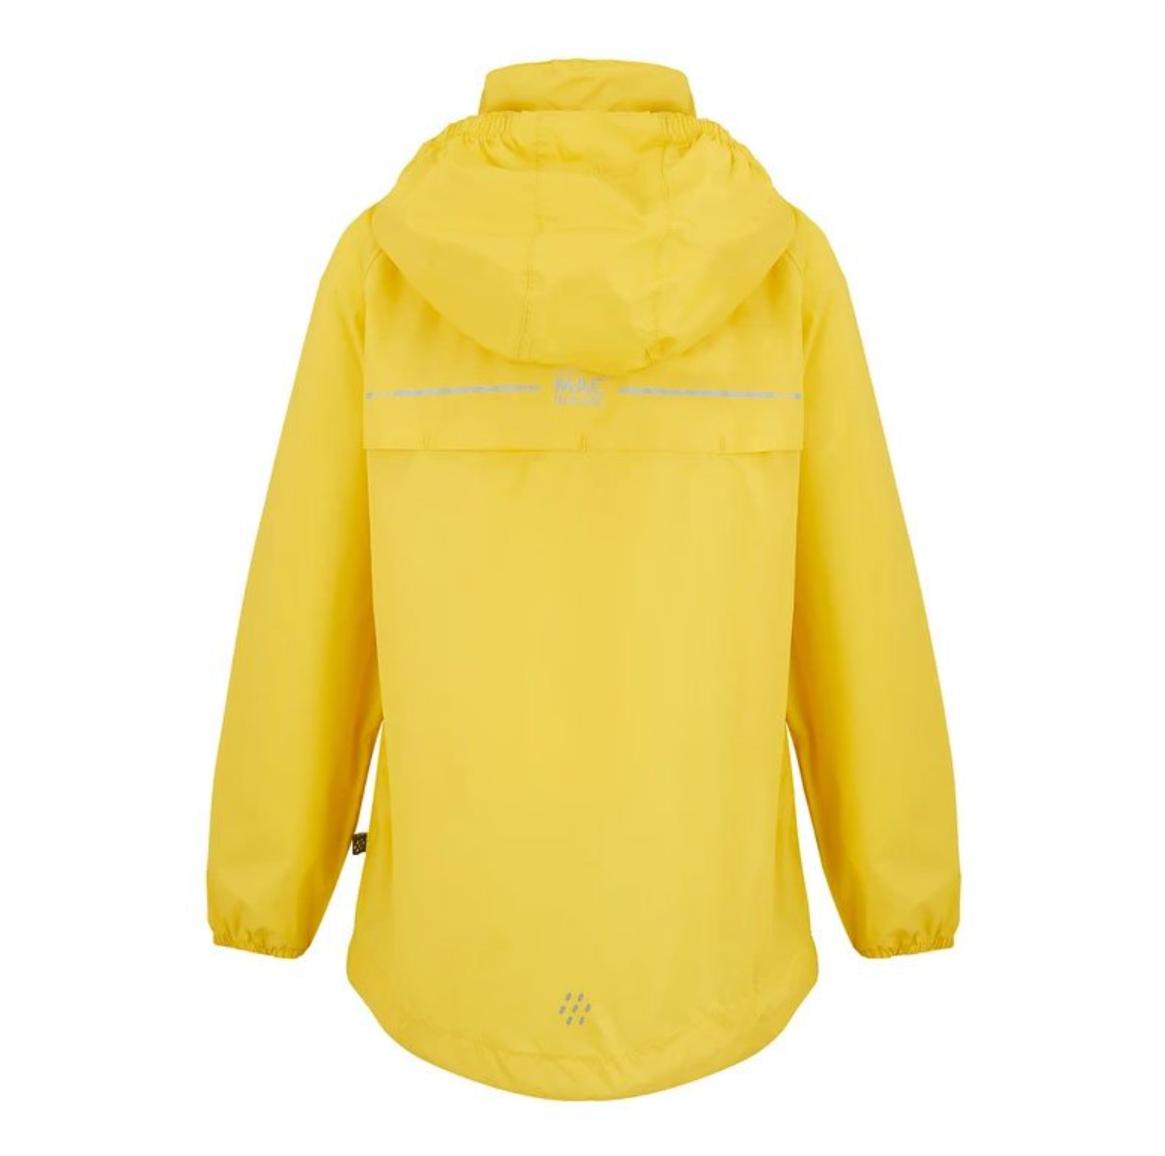 Mac in a Sac MINI Yellow